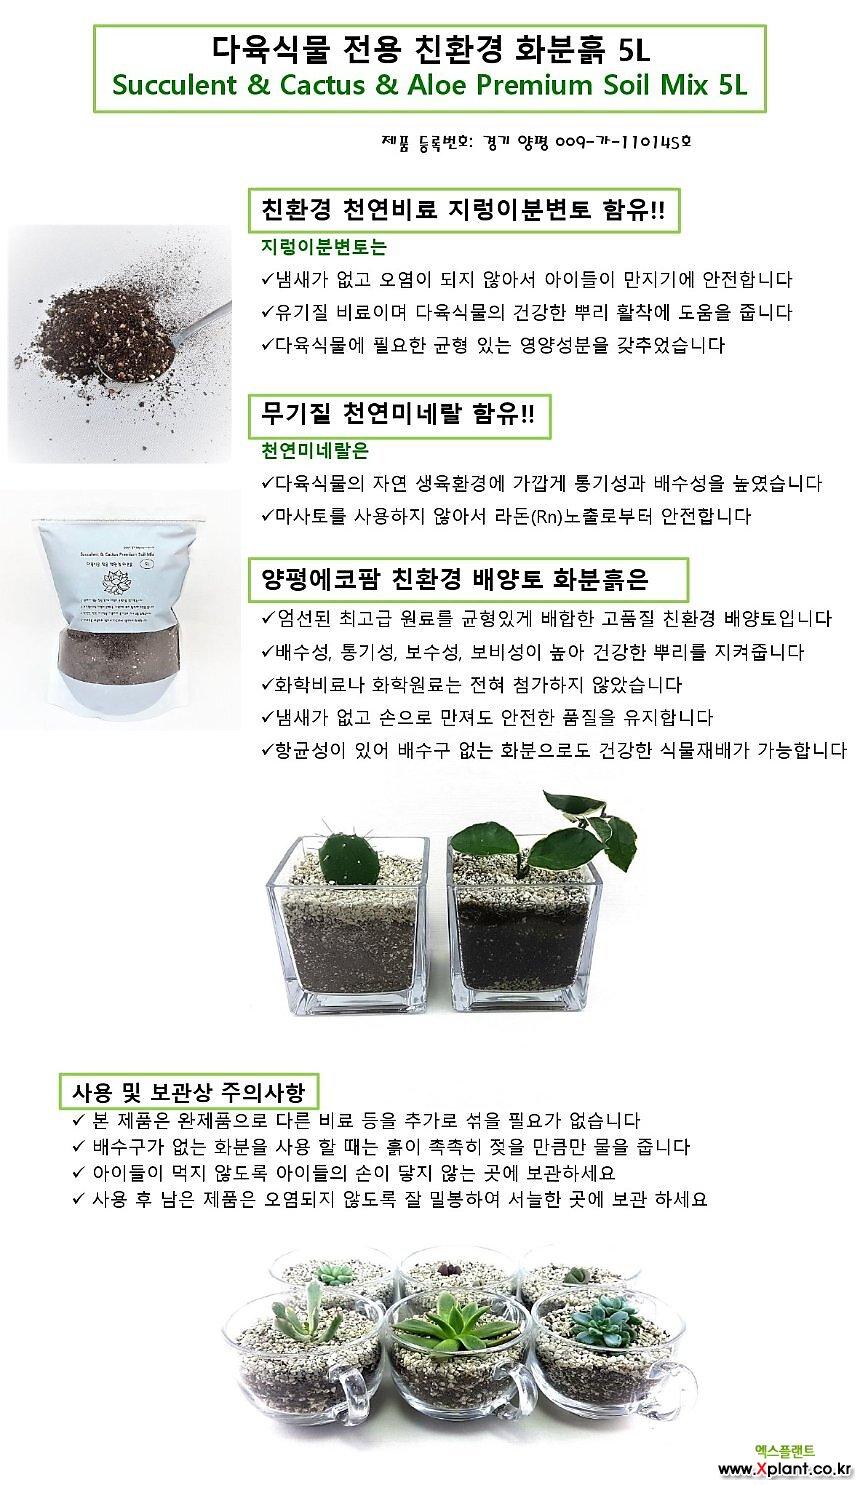 에코팜 지렁이분변토 함유 다육이 흙 5리터